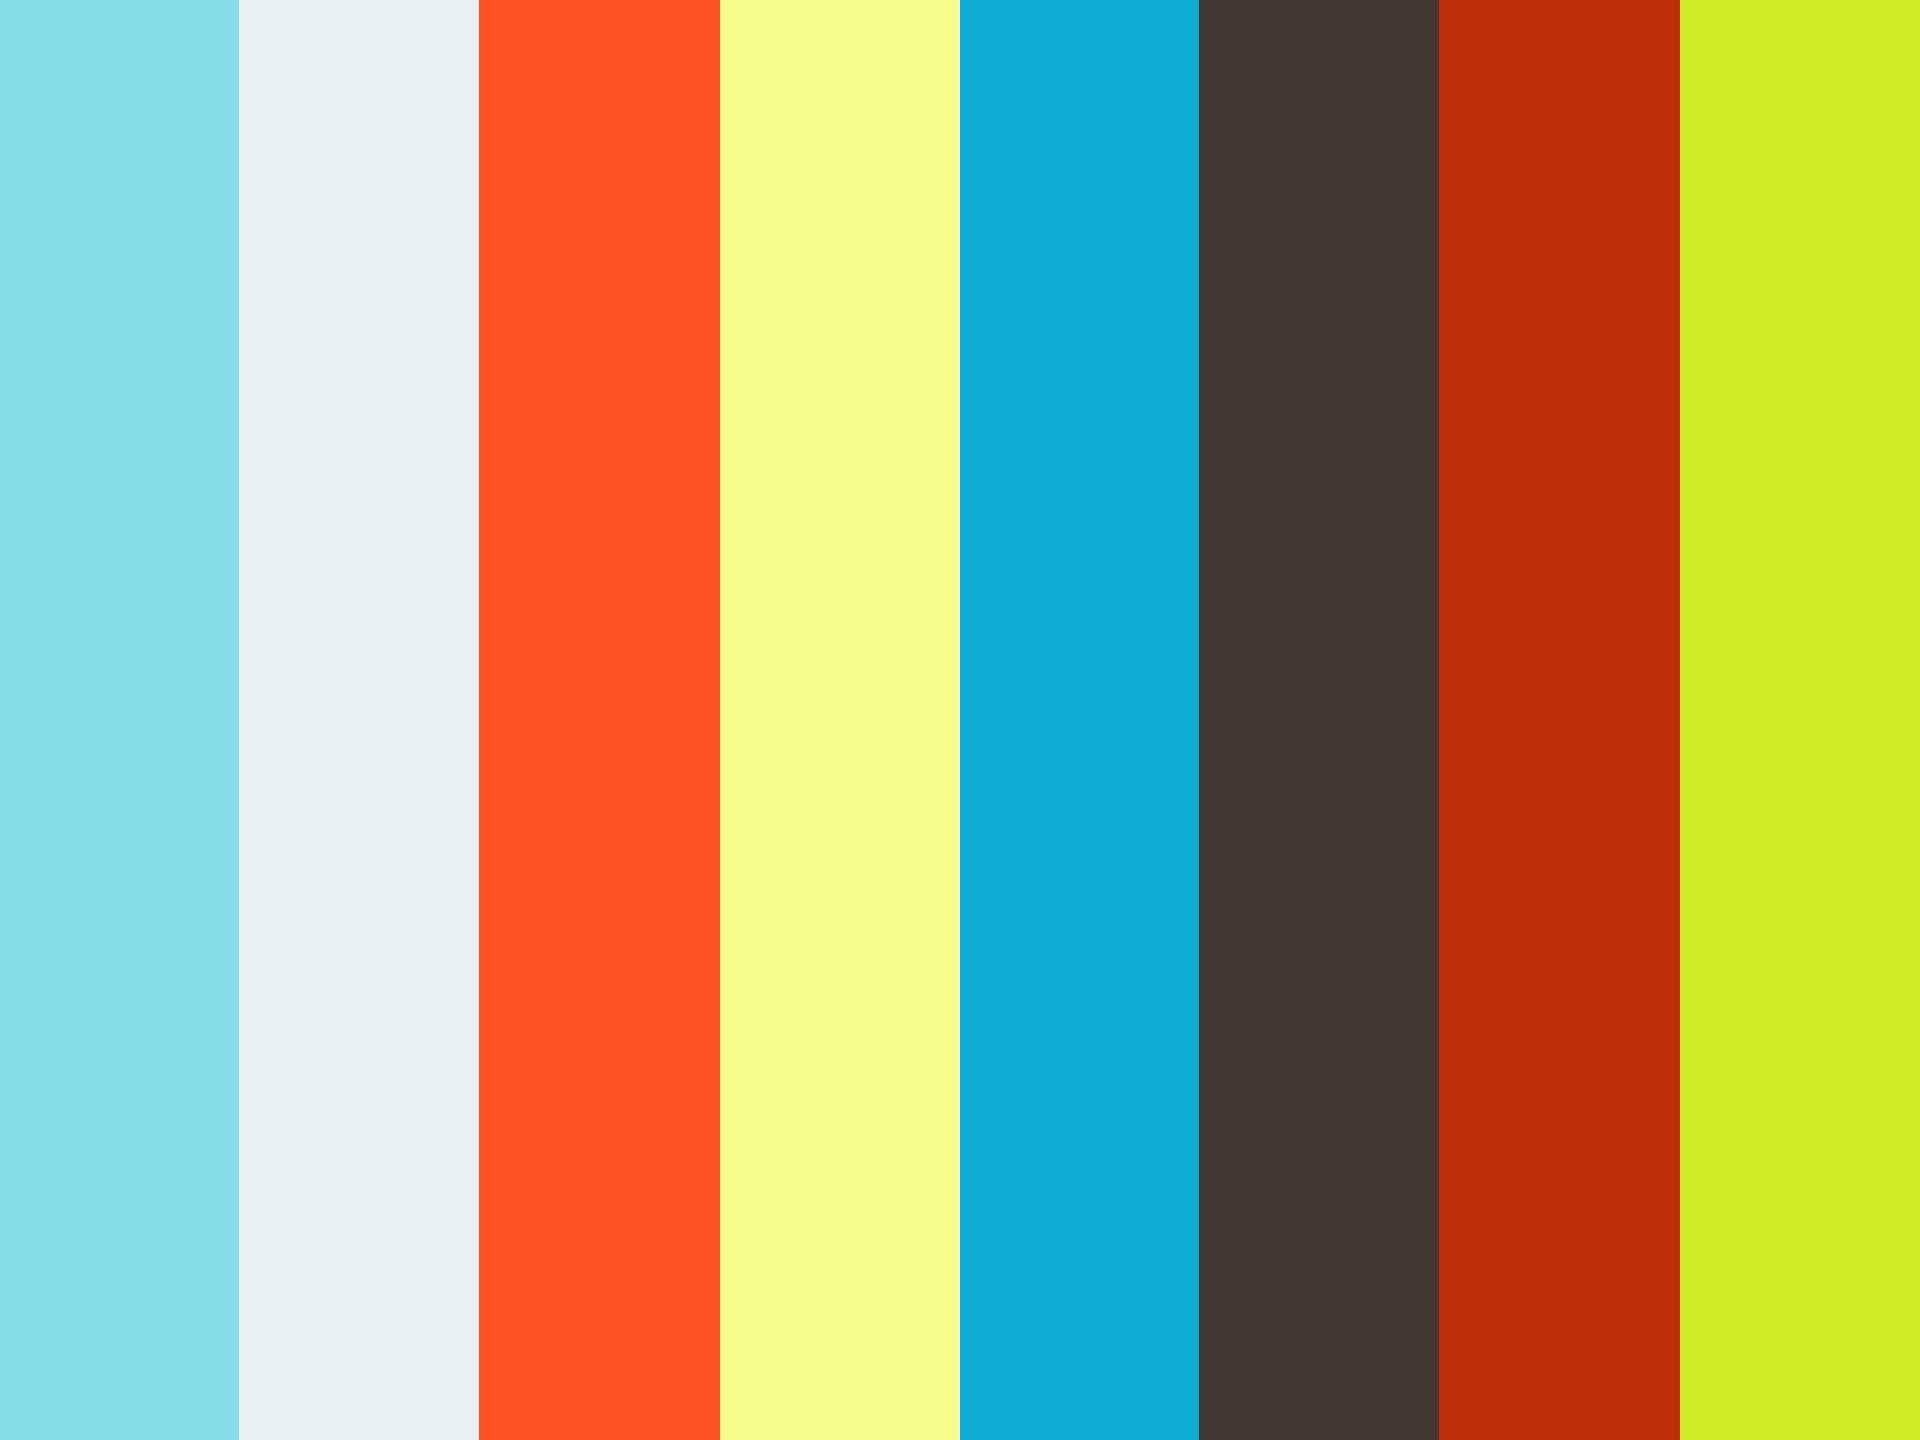 RAPHA Pro Team Arenberg lentille jaune Cyclisme UV protégé augmenté Contraste Neuf